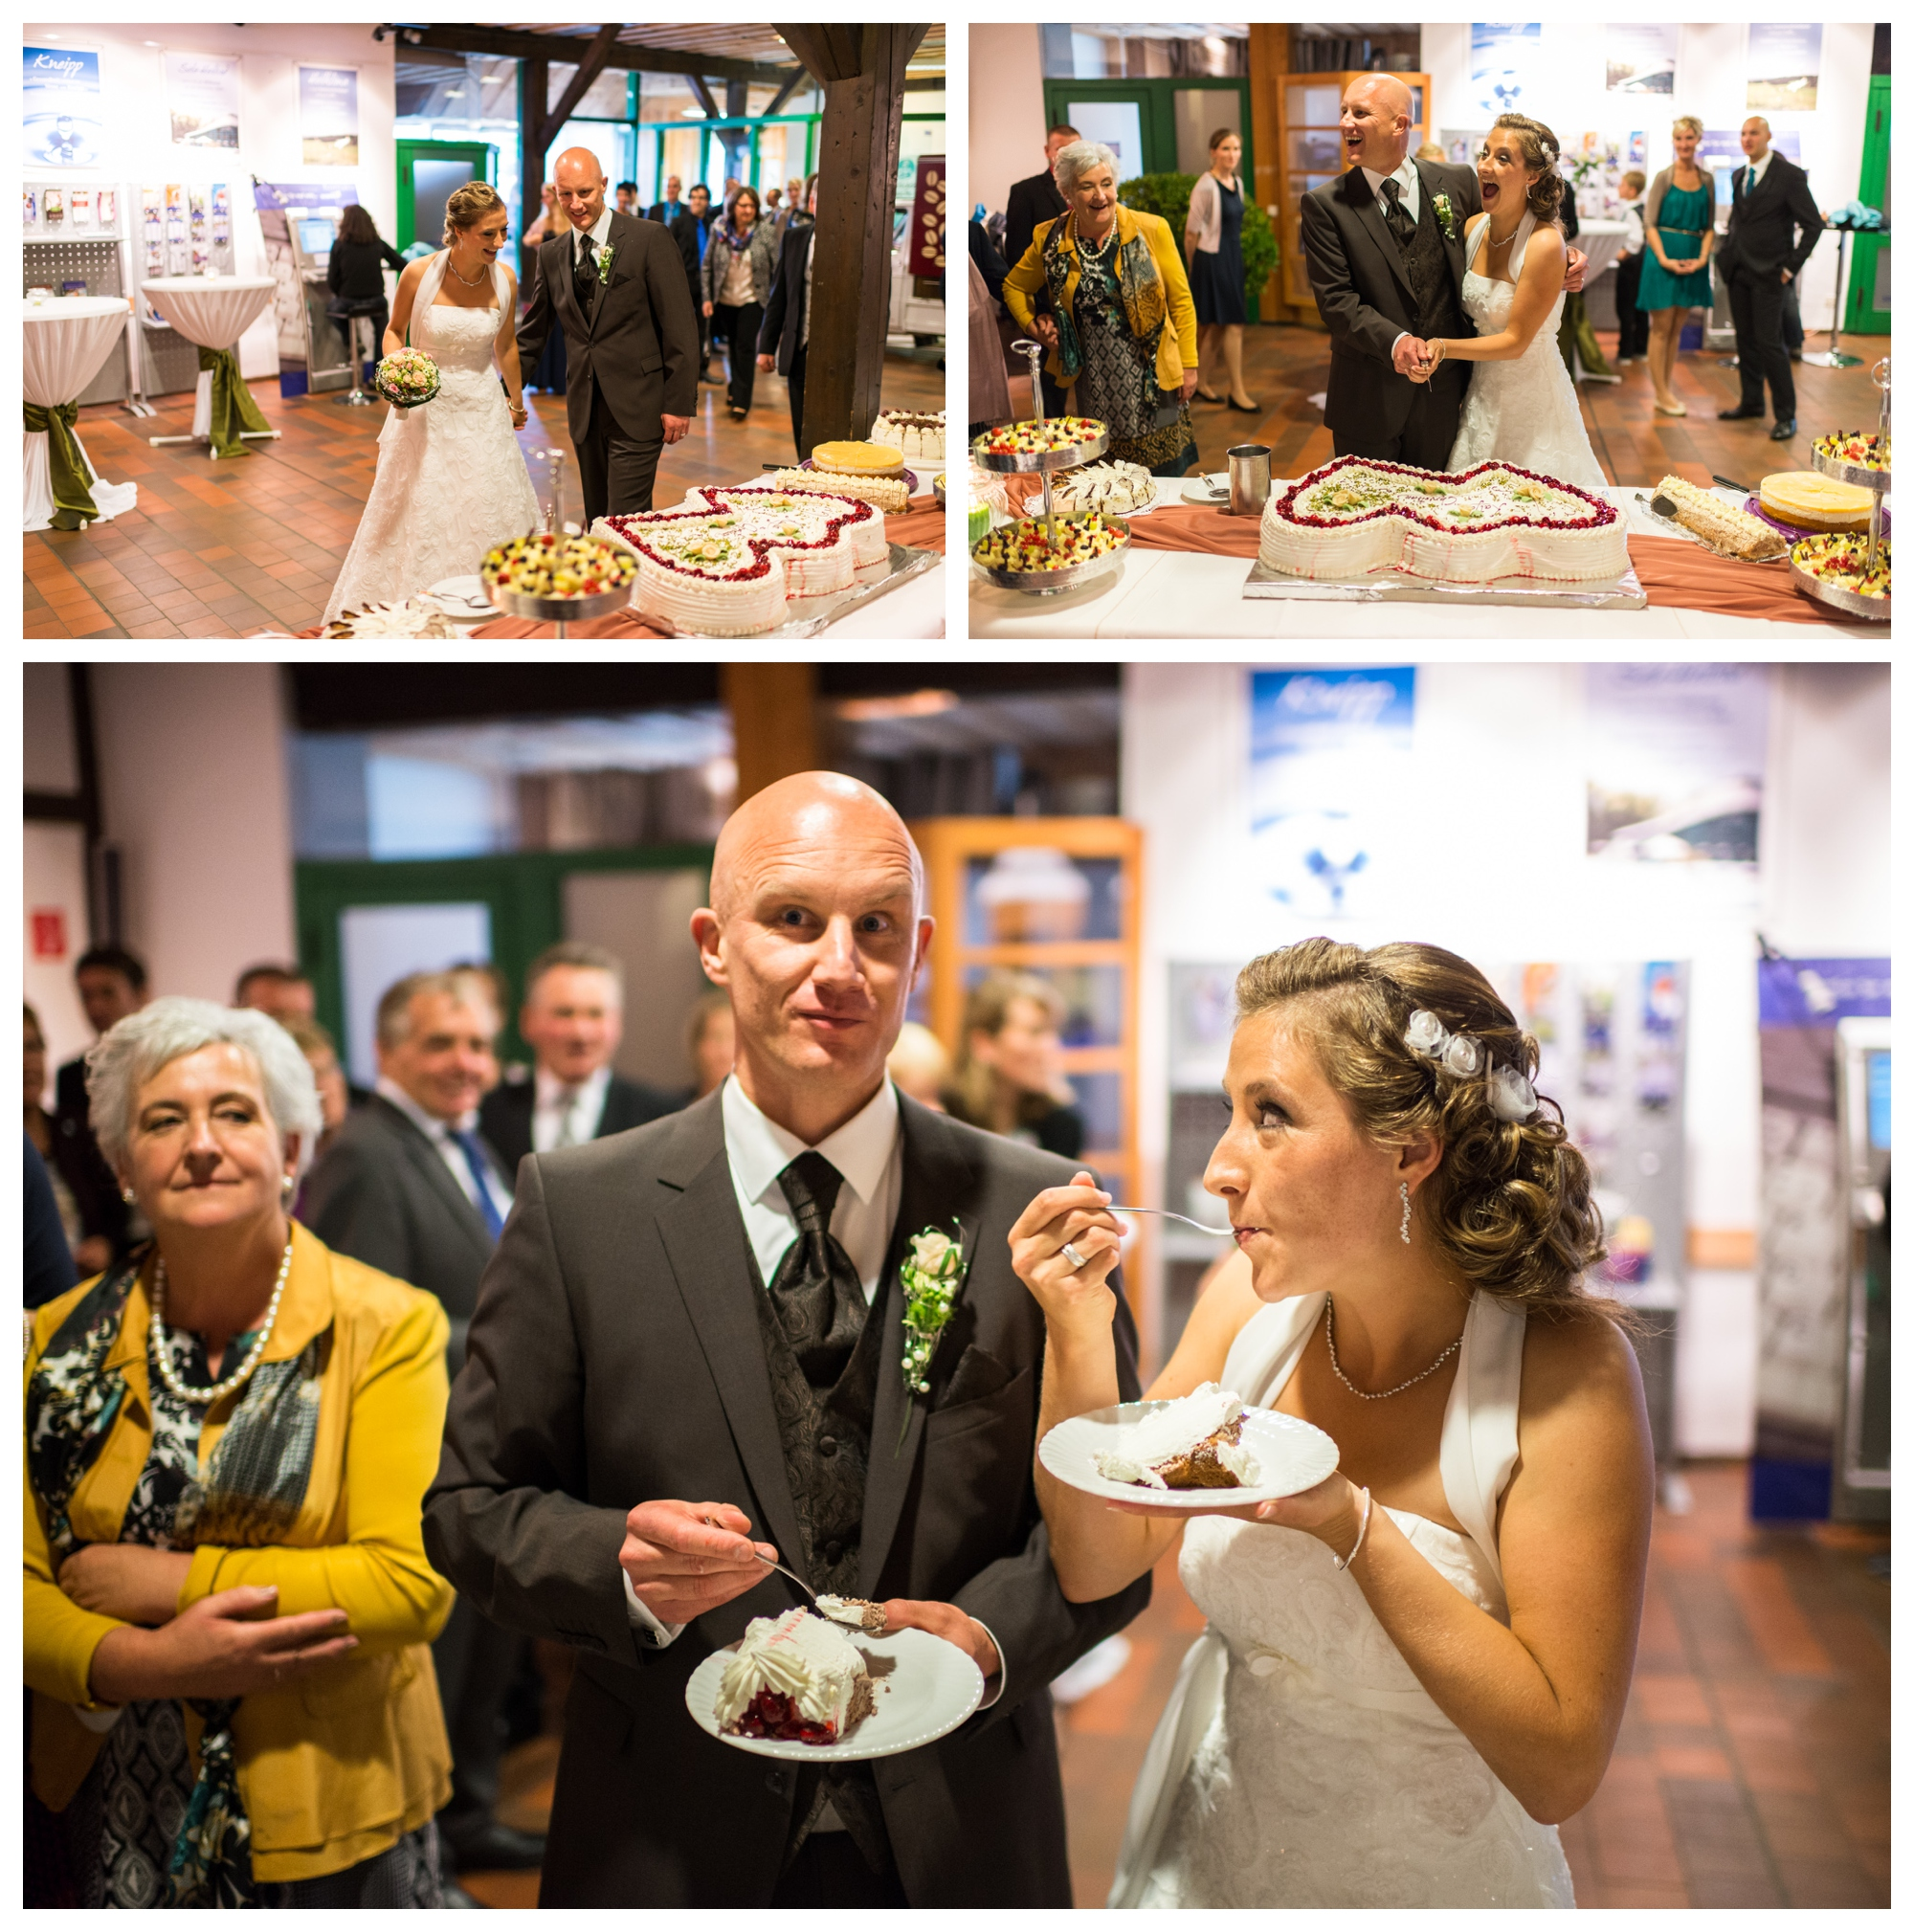 Fotograf Konstanz - 2013 12 09 0022 - Als Hochzeitsfotograf in Bad Dürrheim unterwegs  - 52 -